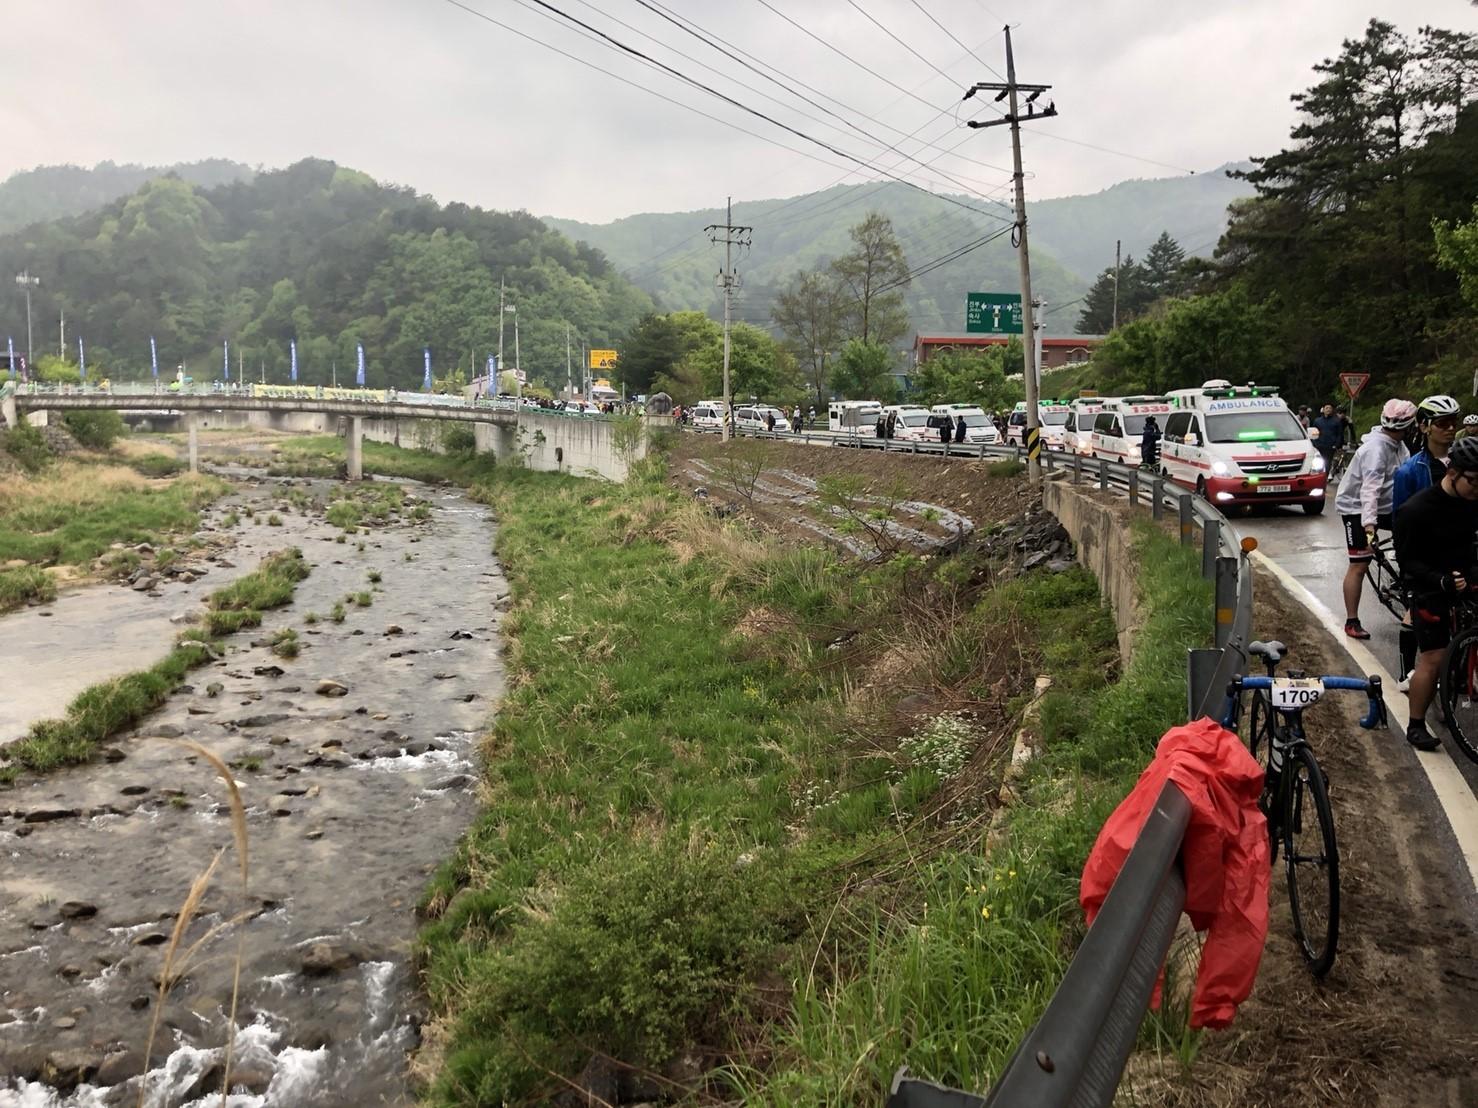 會場待命區有大量救護車與警車待命,雖沒有封路,但騎起來跟封路幾乎也沒兩樣了。